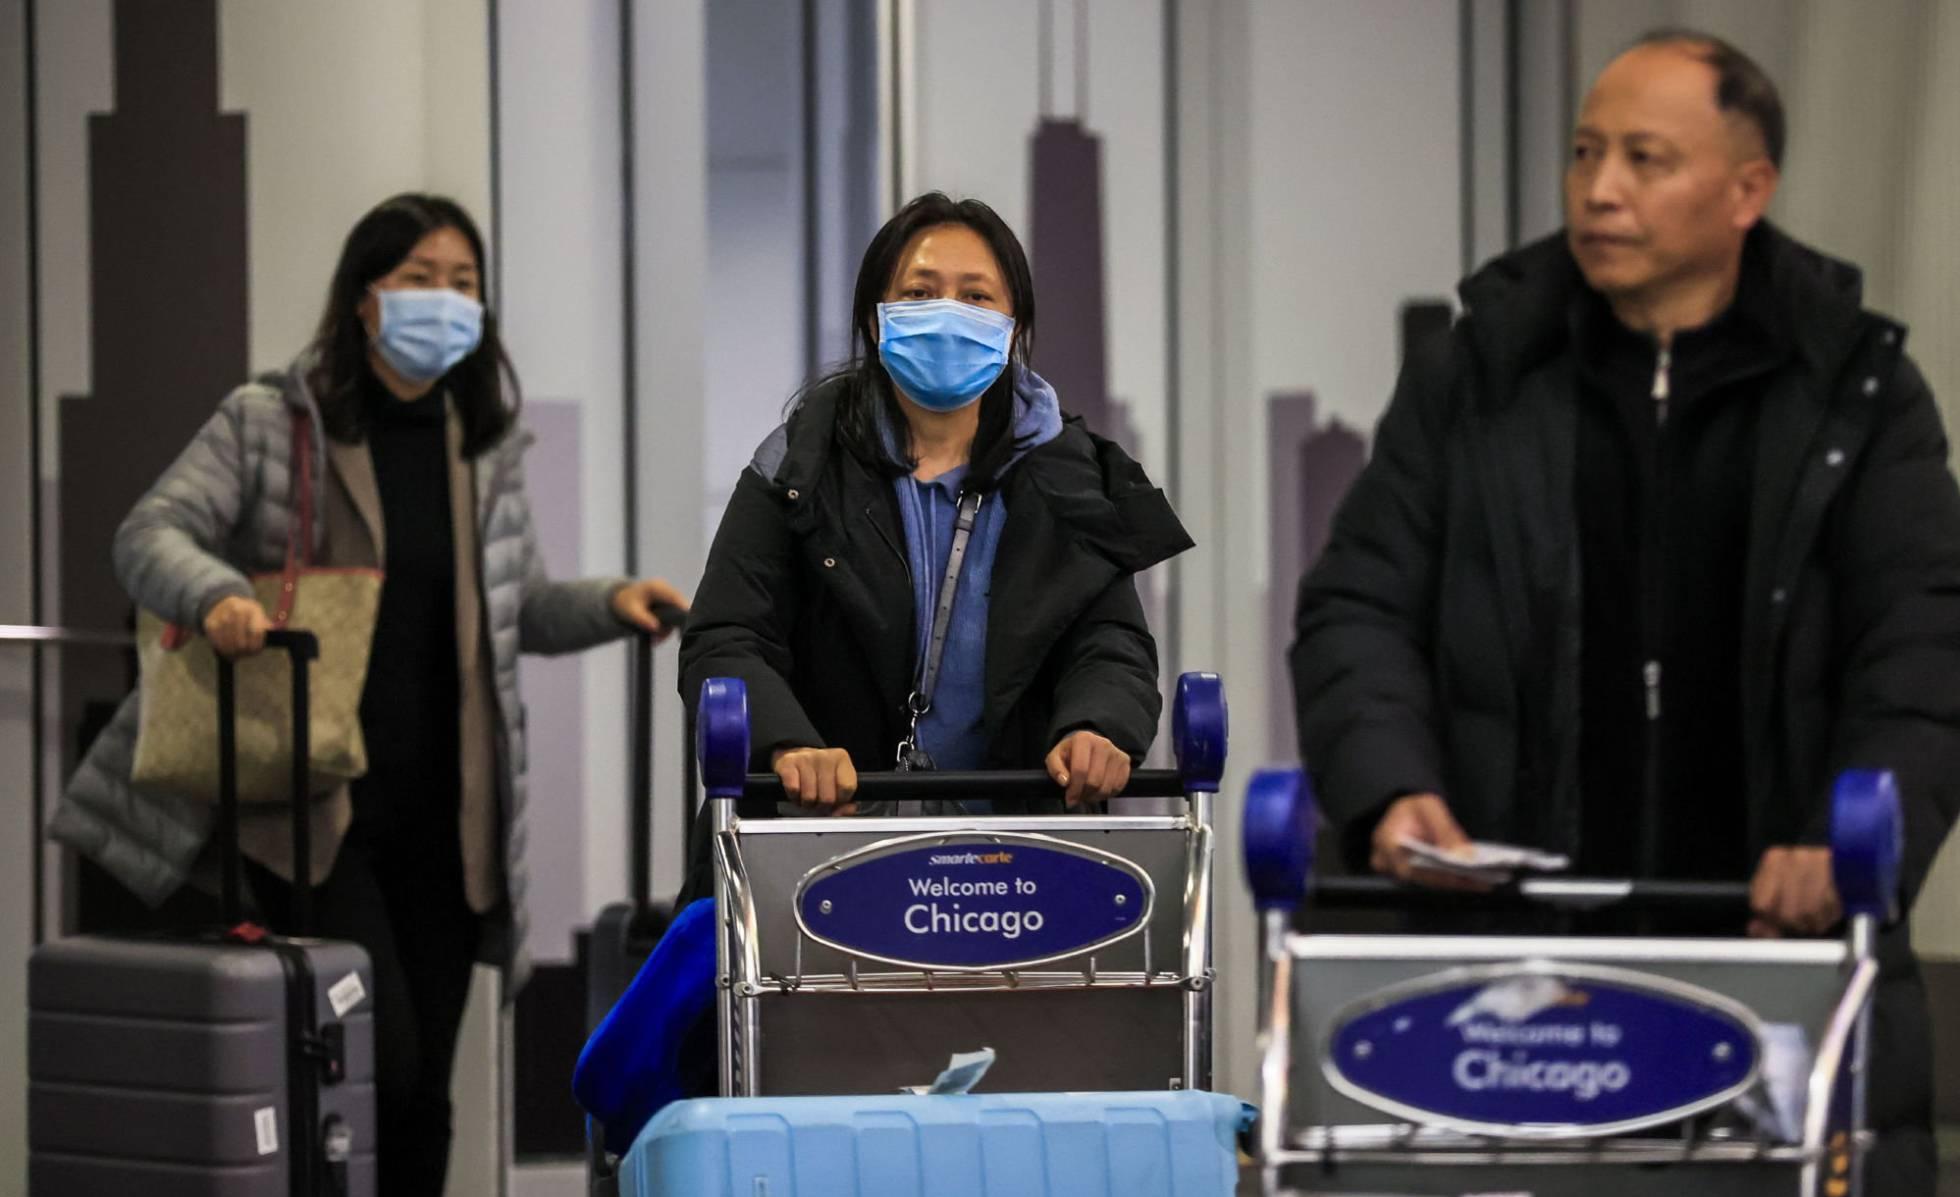 terminal de chicago contagiados coronavirus